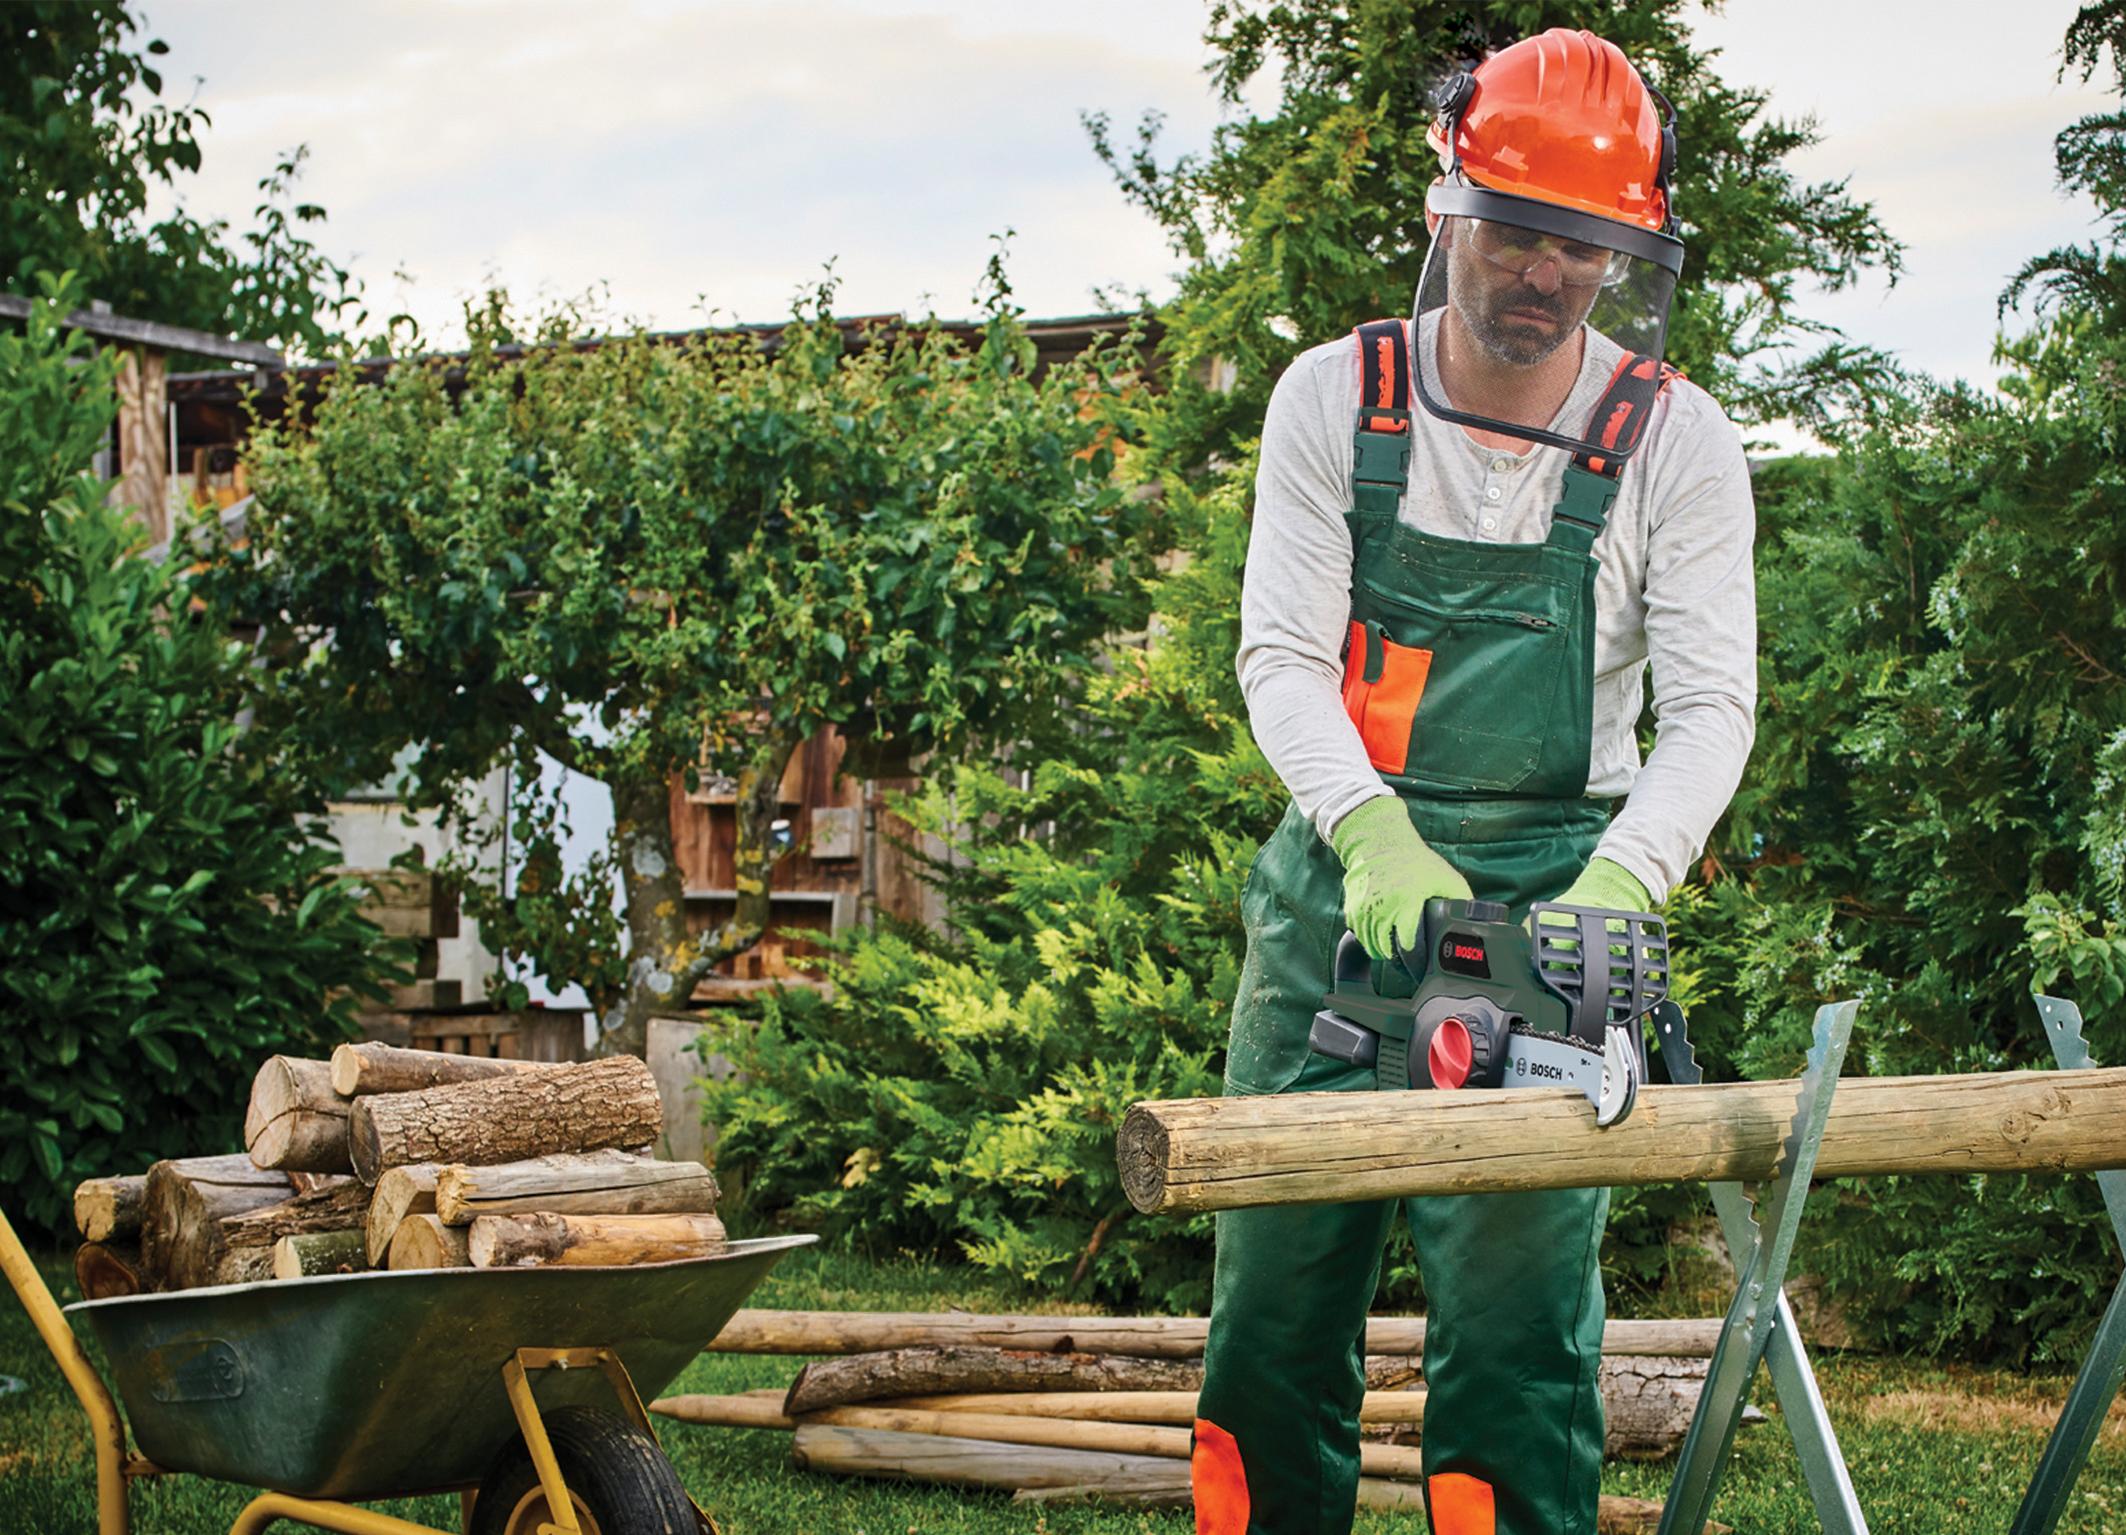 Ein Gerät für viele Sägeaufgaben im Garten:  handliche 18 Volt-Kettensäge von Bosch